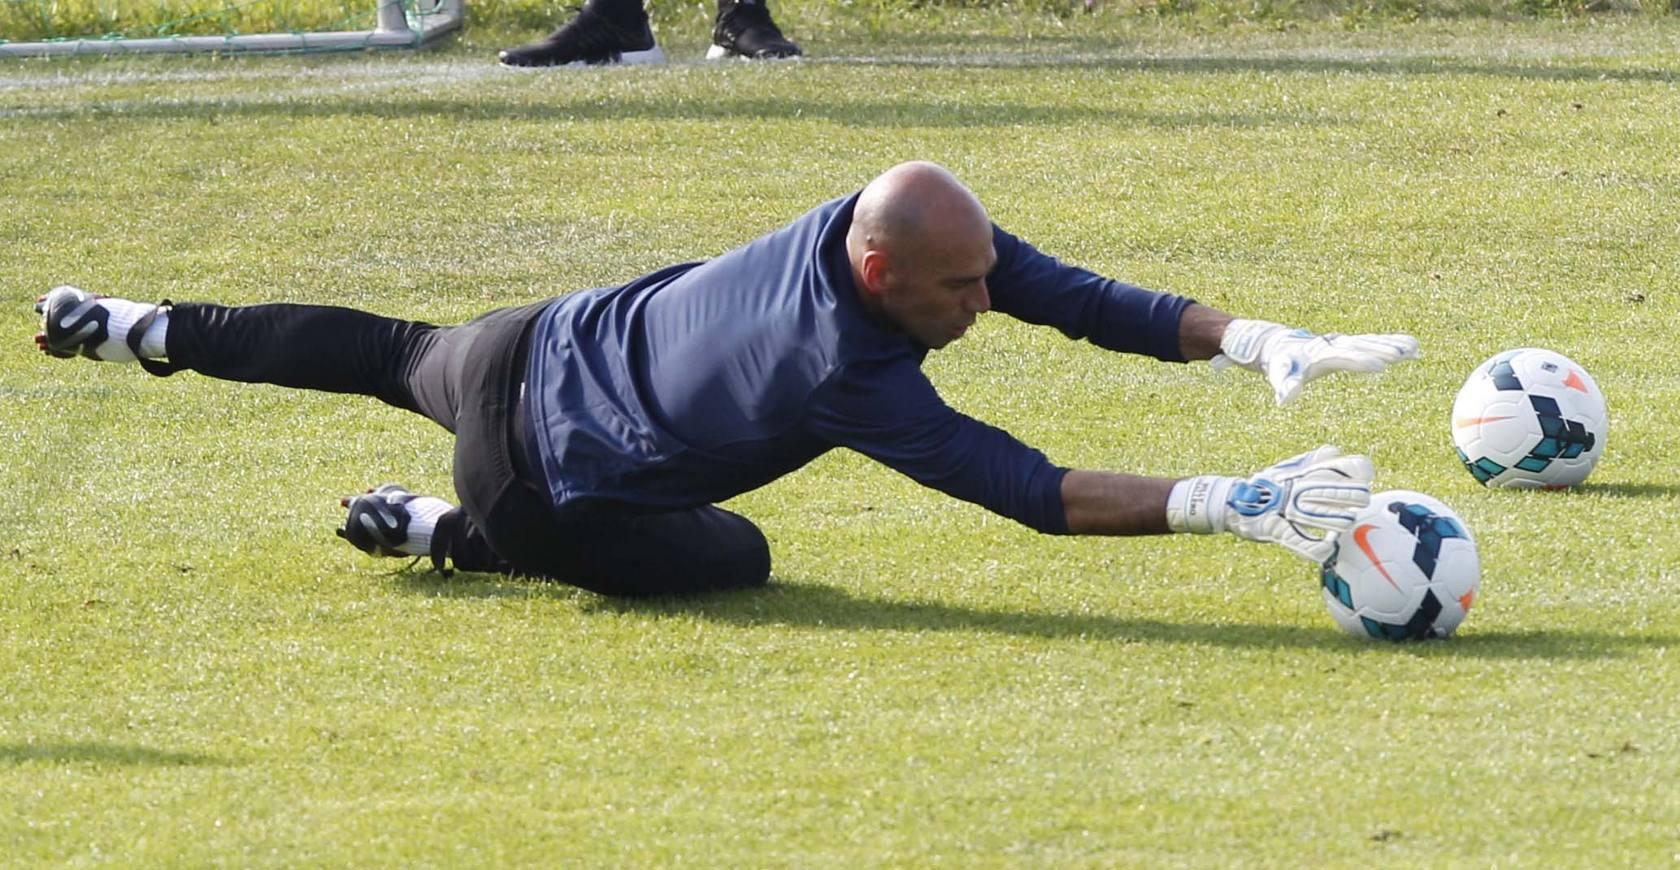 El Málaga trabaja duro en los entrenamientos en Bitburgo (sábado 13 de julio)